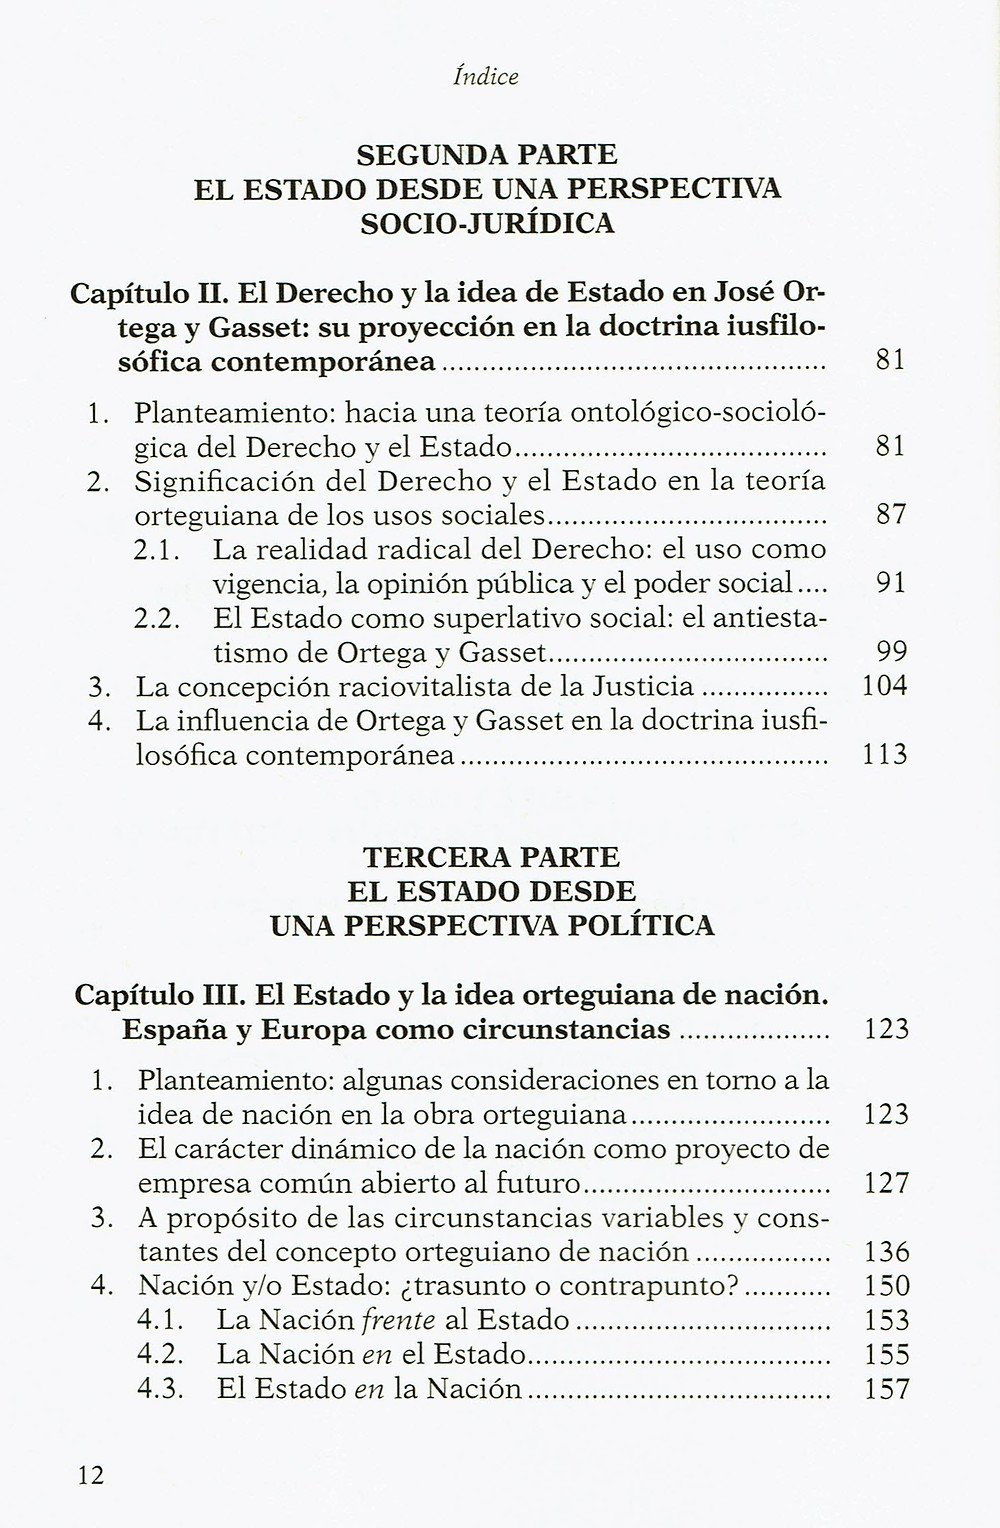 Fernando H. Llano Alonso. El Estado en Ortega y Gasset. Editorial DYKINSON. Madrid. 2010. Prólogo de Gregorio Peces-Barba Martínez.